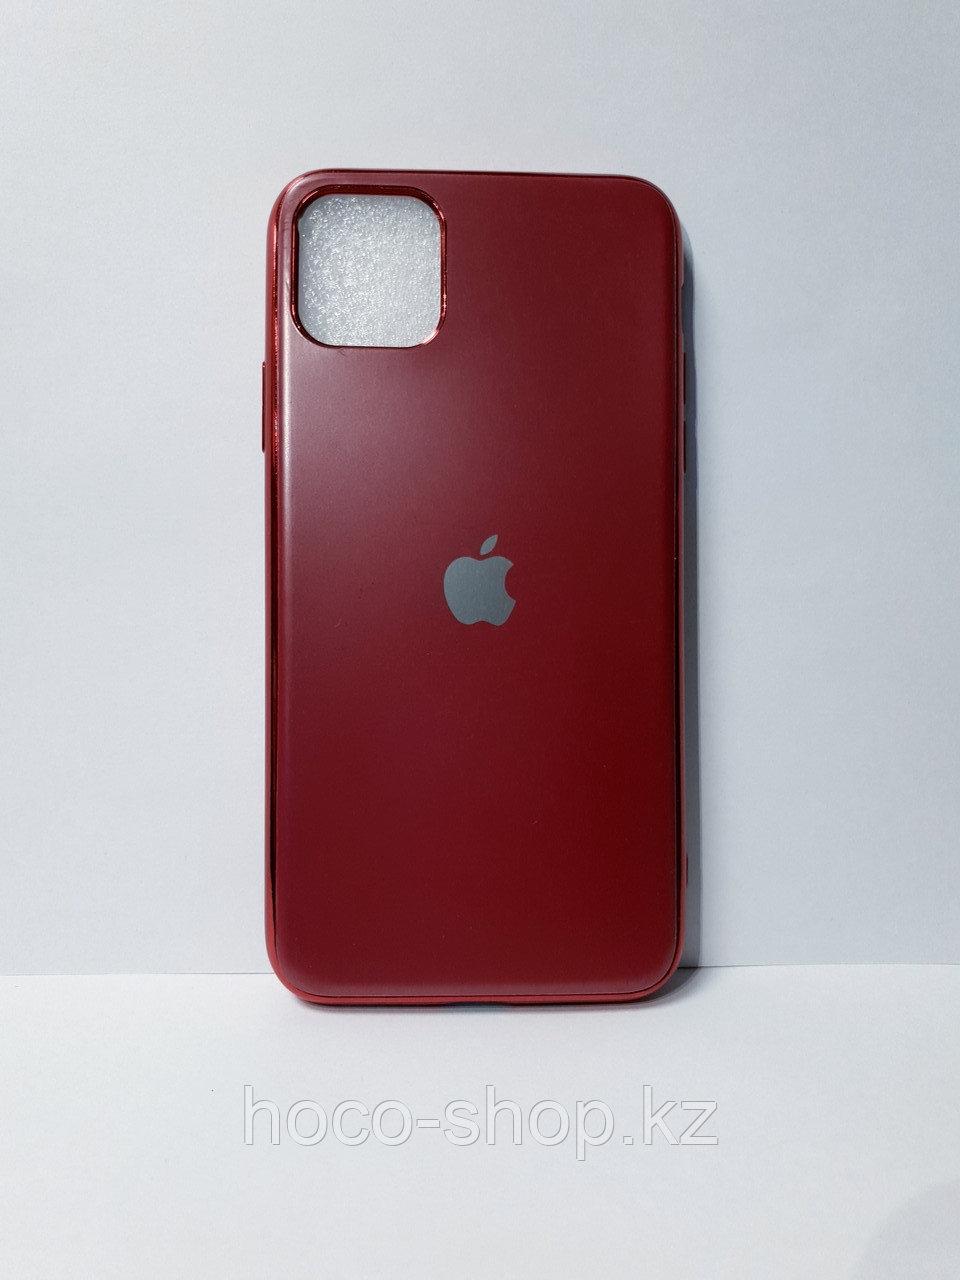 Чехол гелевый для iPhone 11 Pro Max